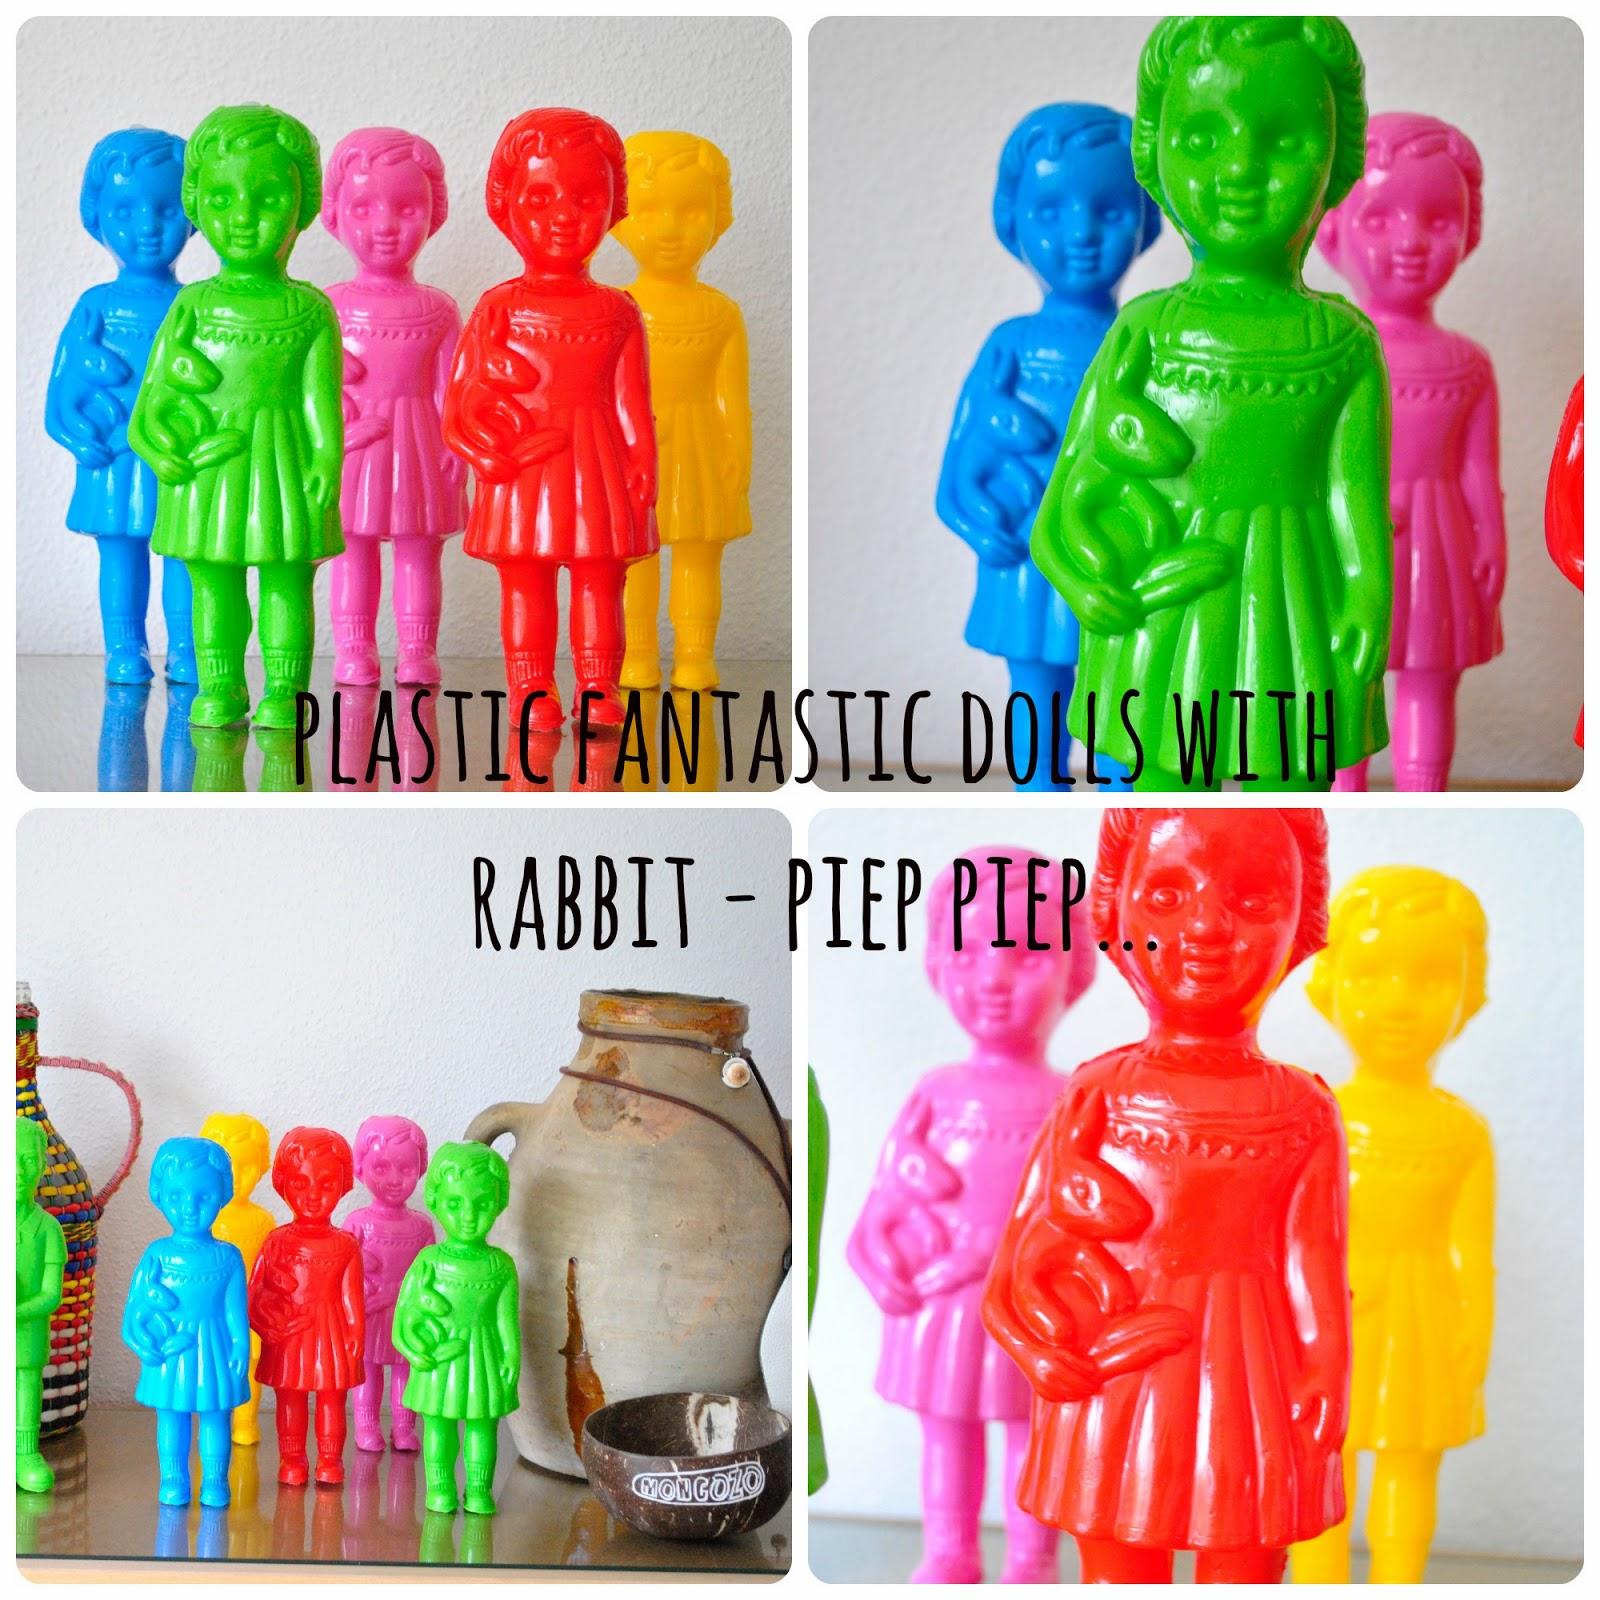 plastic fantastic peep dolls ohlalahydi